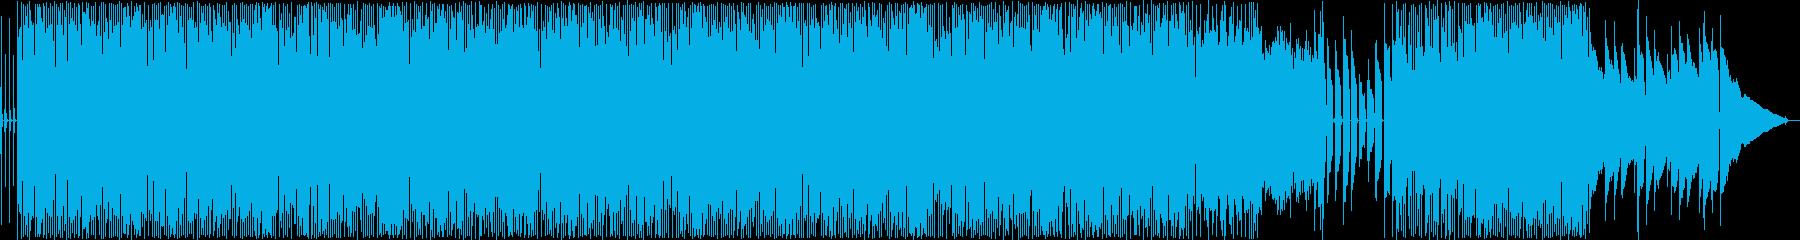 明るく元気なギター・ドラムサウンドの再生済みの波形